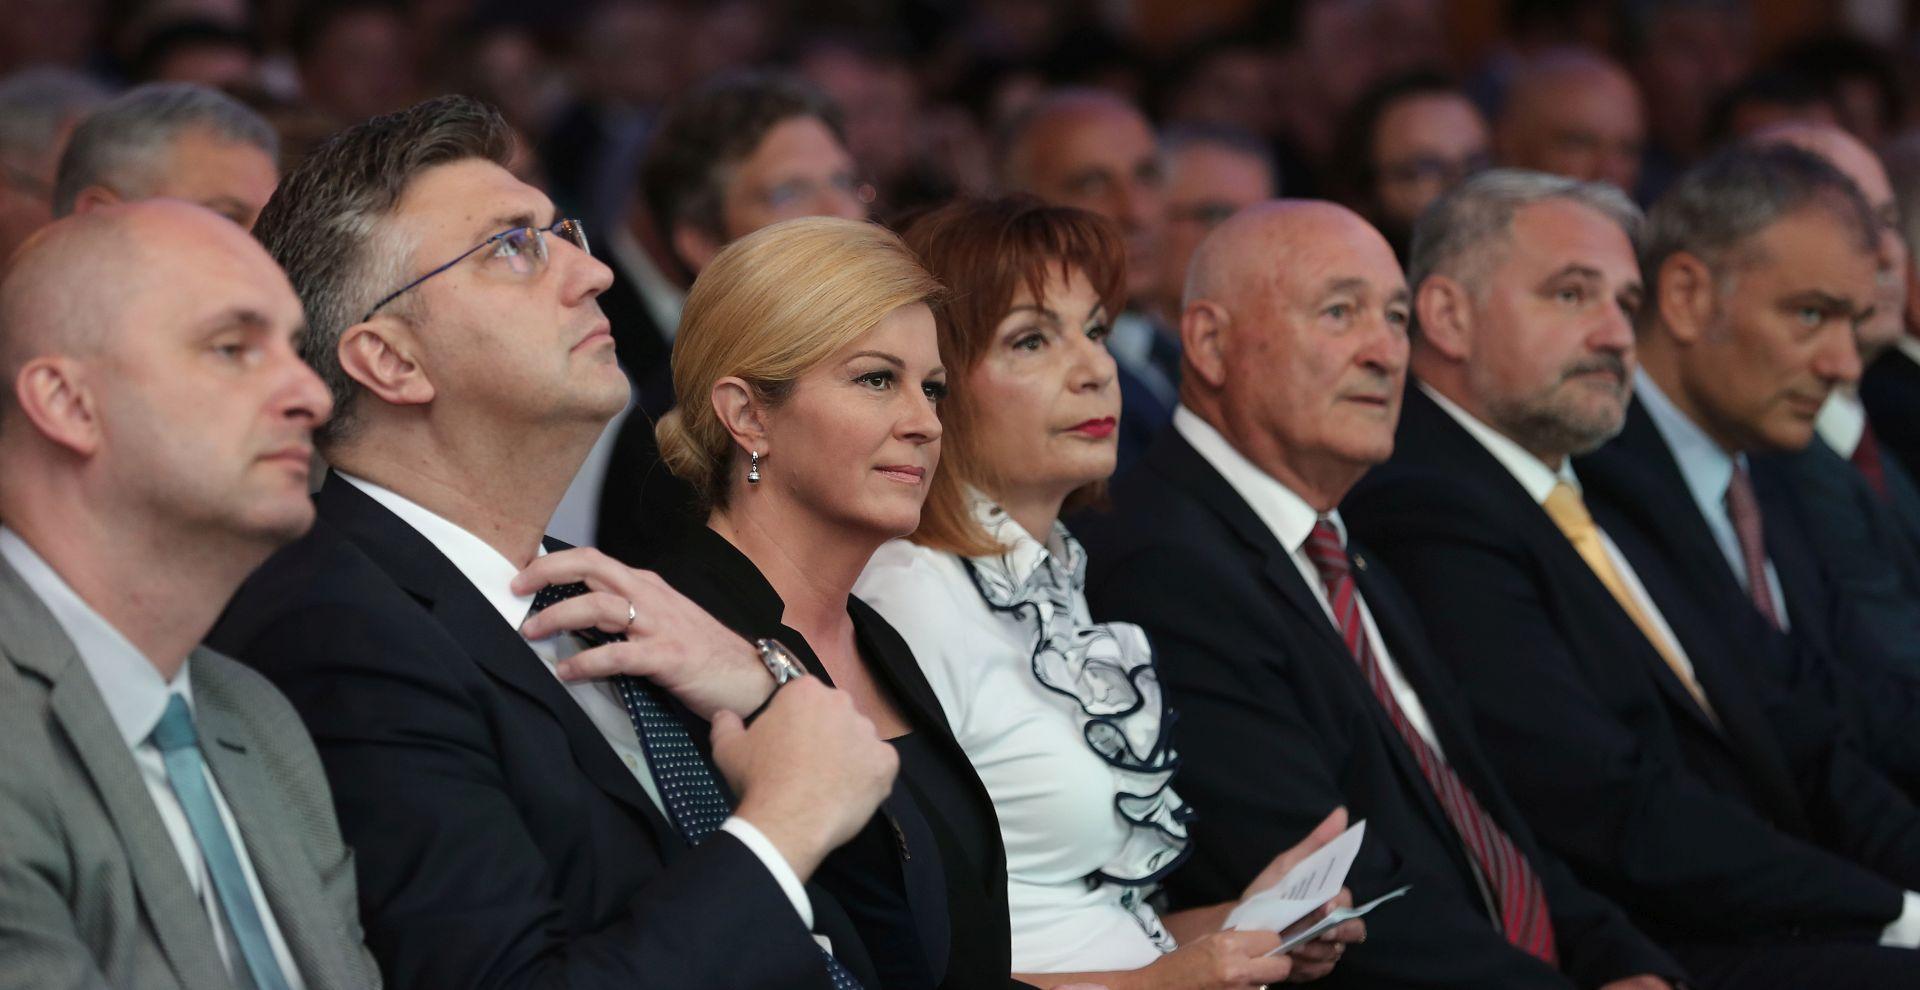 """GRABAR KITAROVIĆ """"Odnosi mene i premijera Plenkovića bolji su nego što je to prikazano u javnosti"""""""